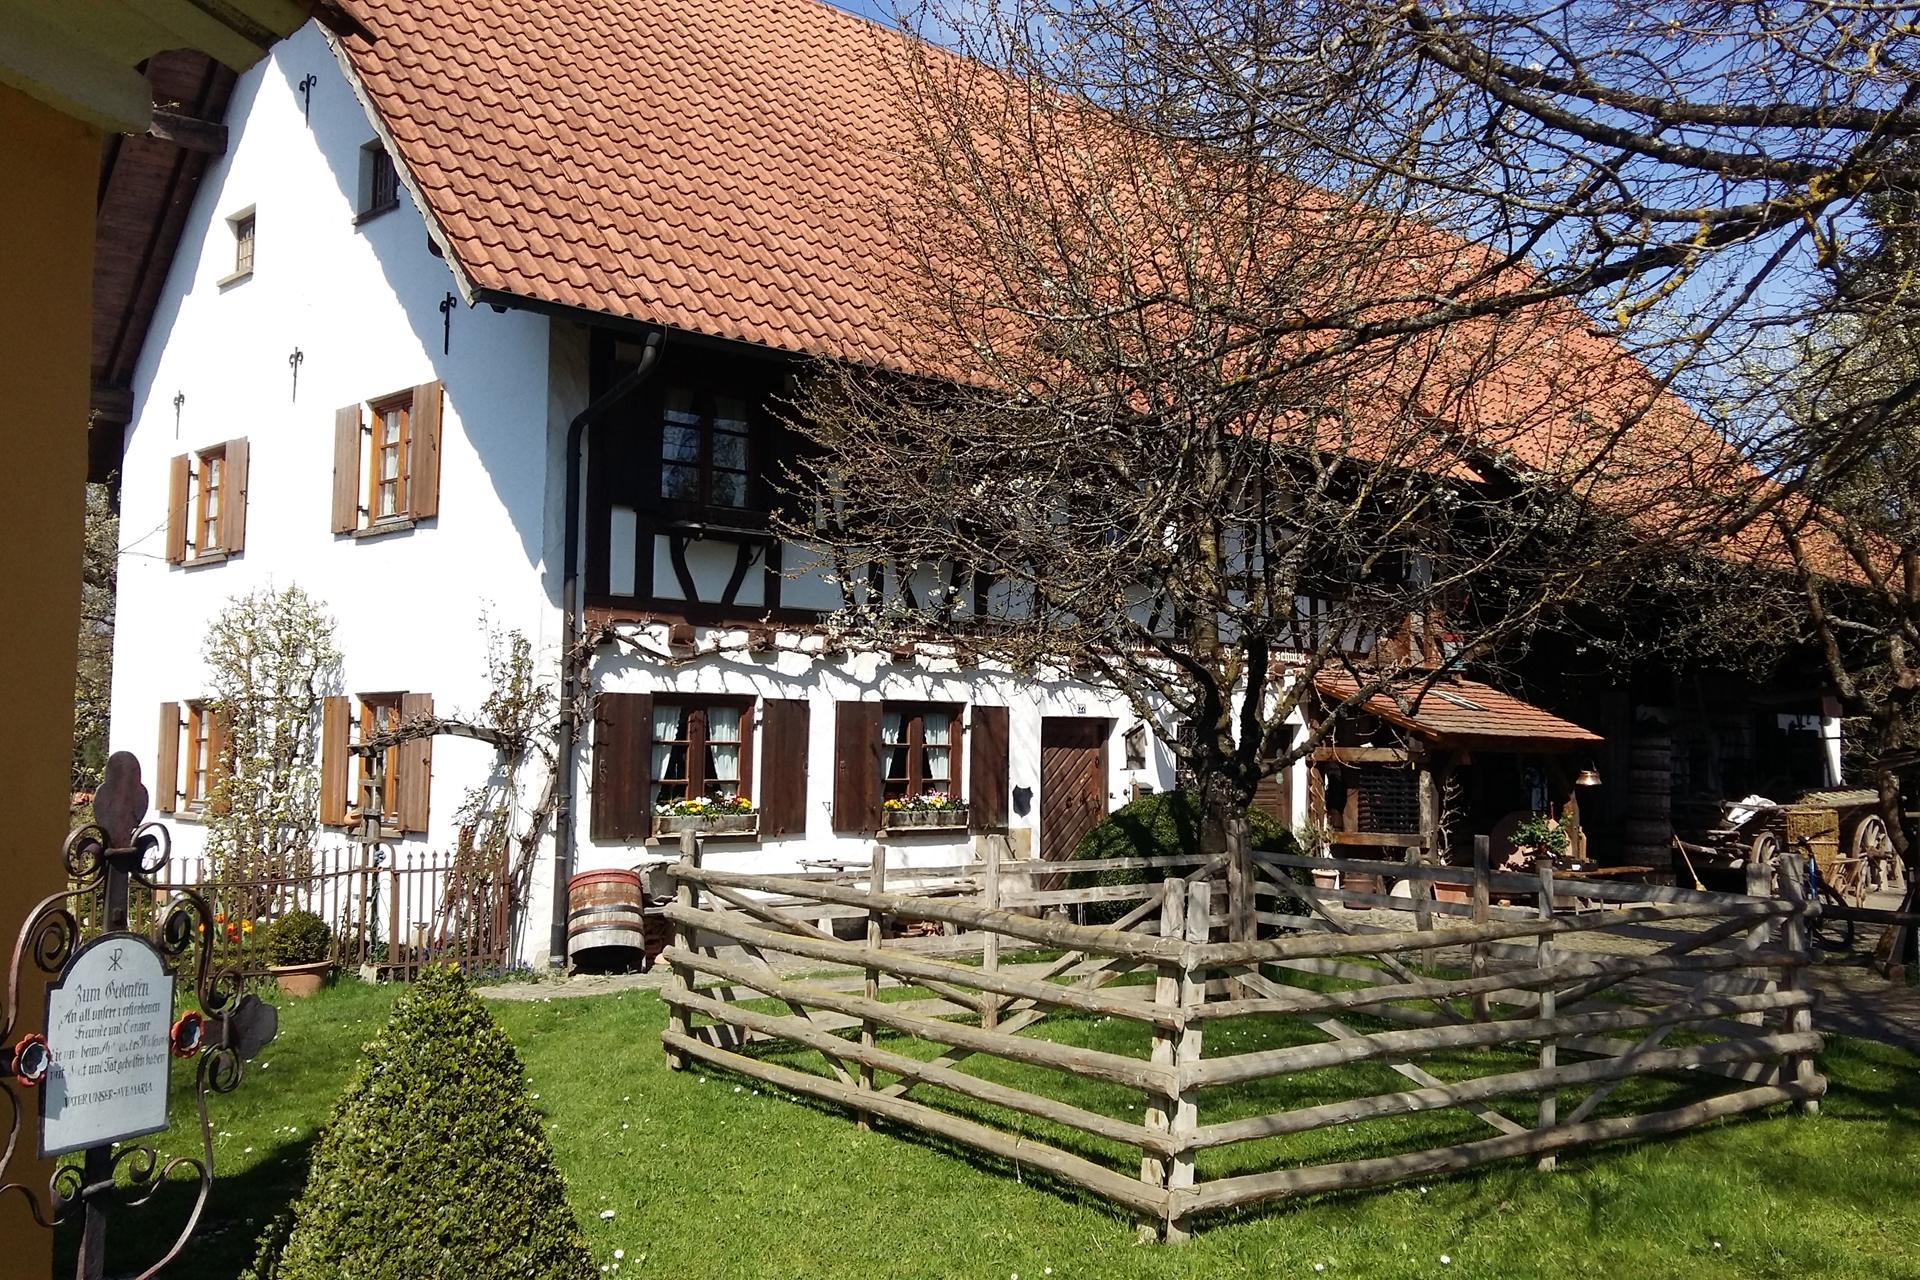 museum f r b uerliches handwerk und kultur wilhelmsdorf umweltbildung. Black Bedroom Furniture Sets. Home Design Ideas